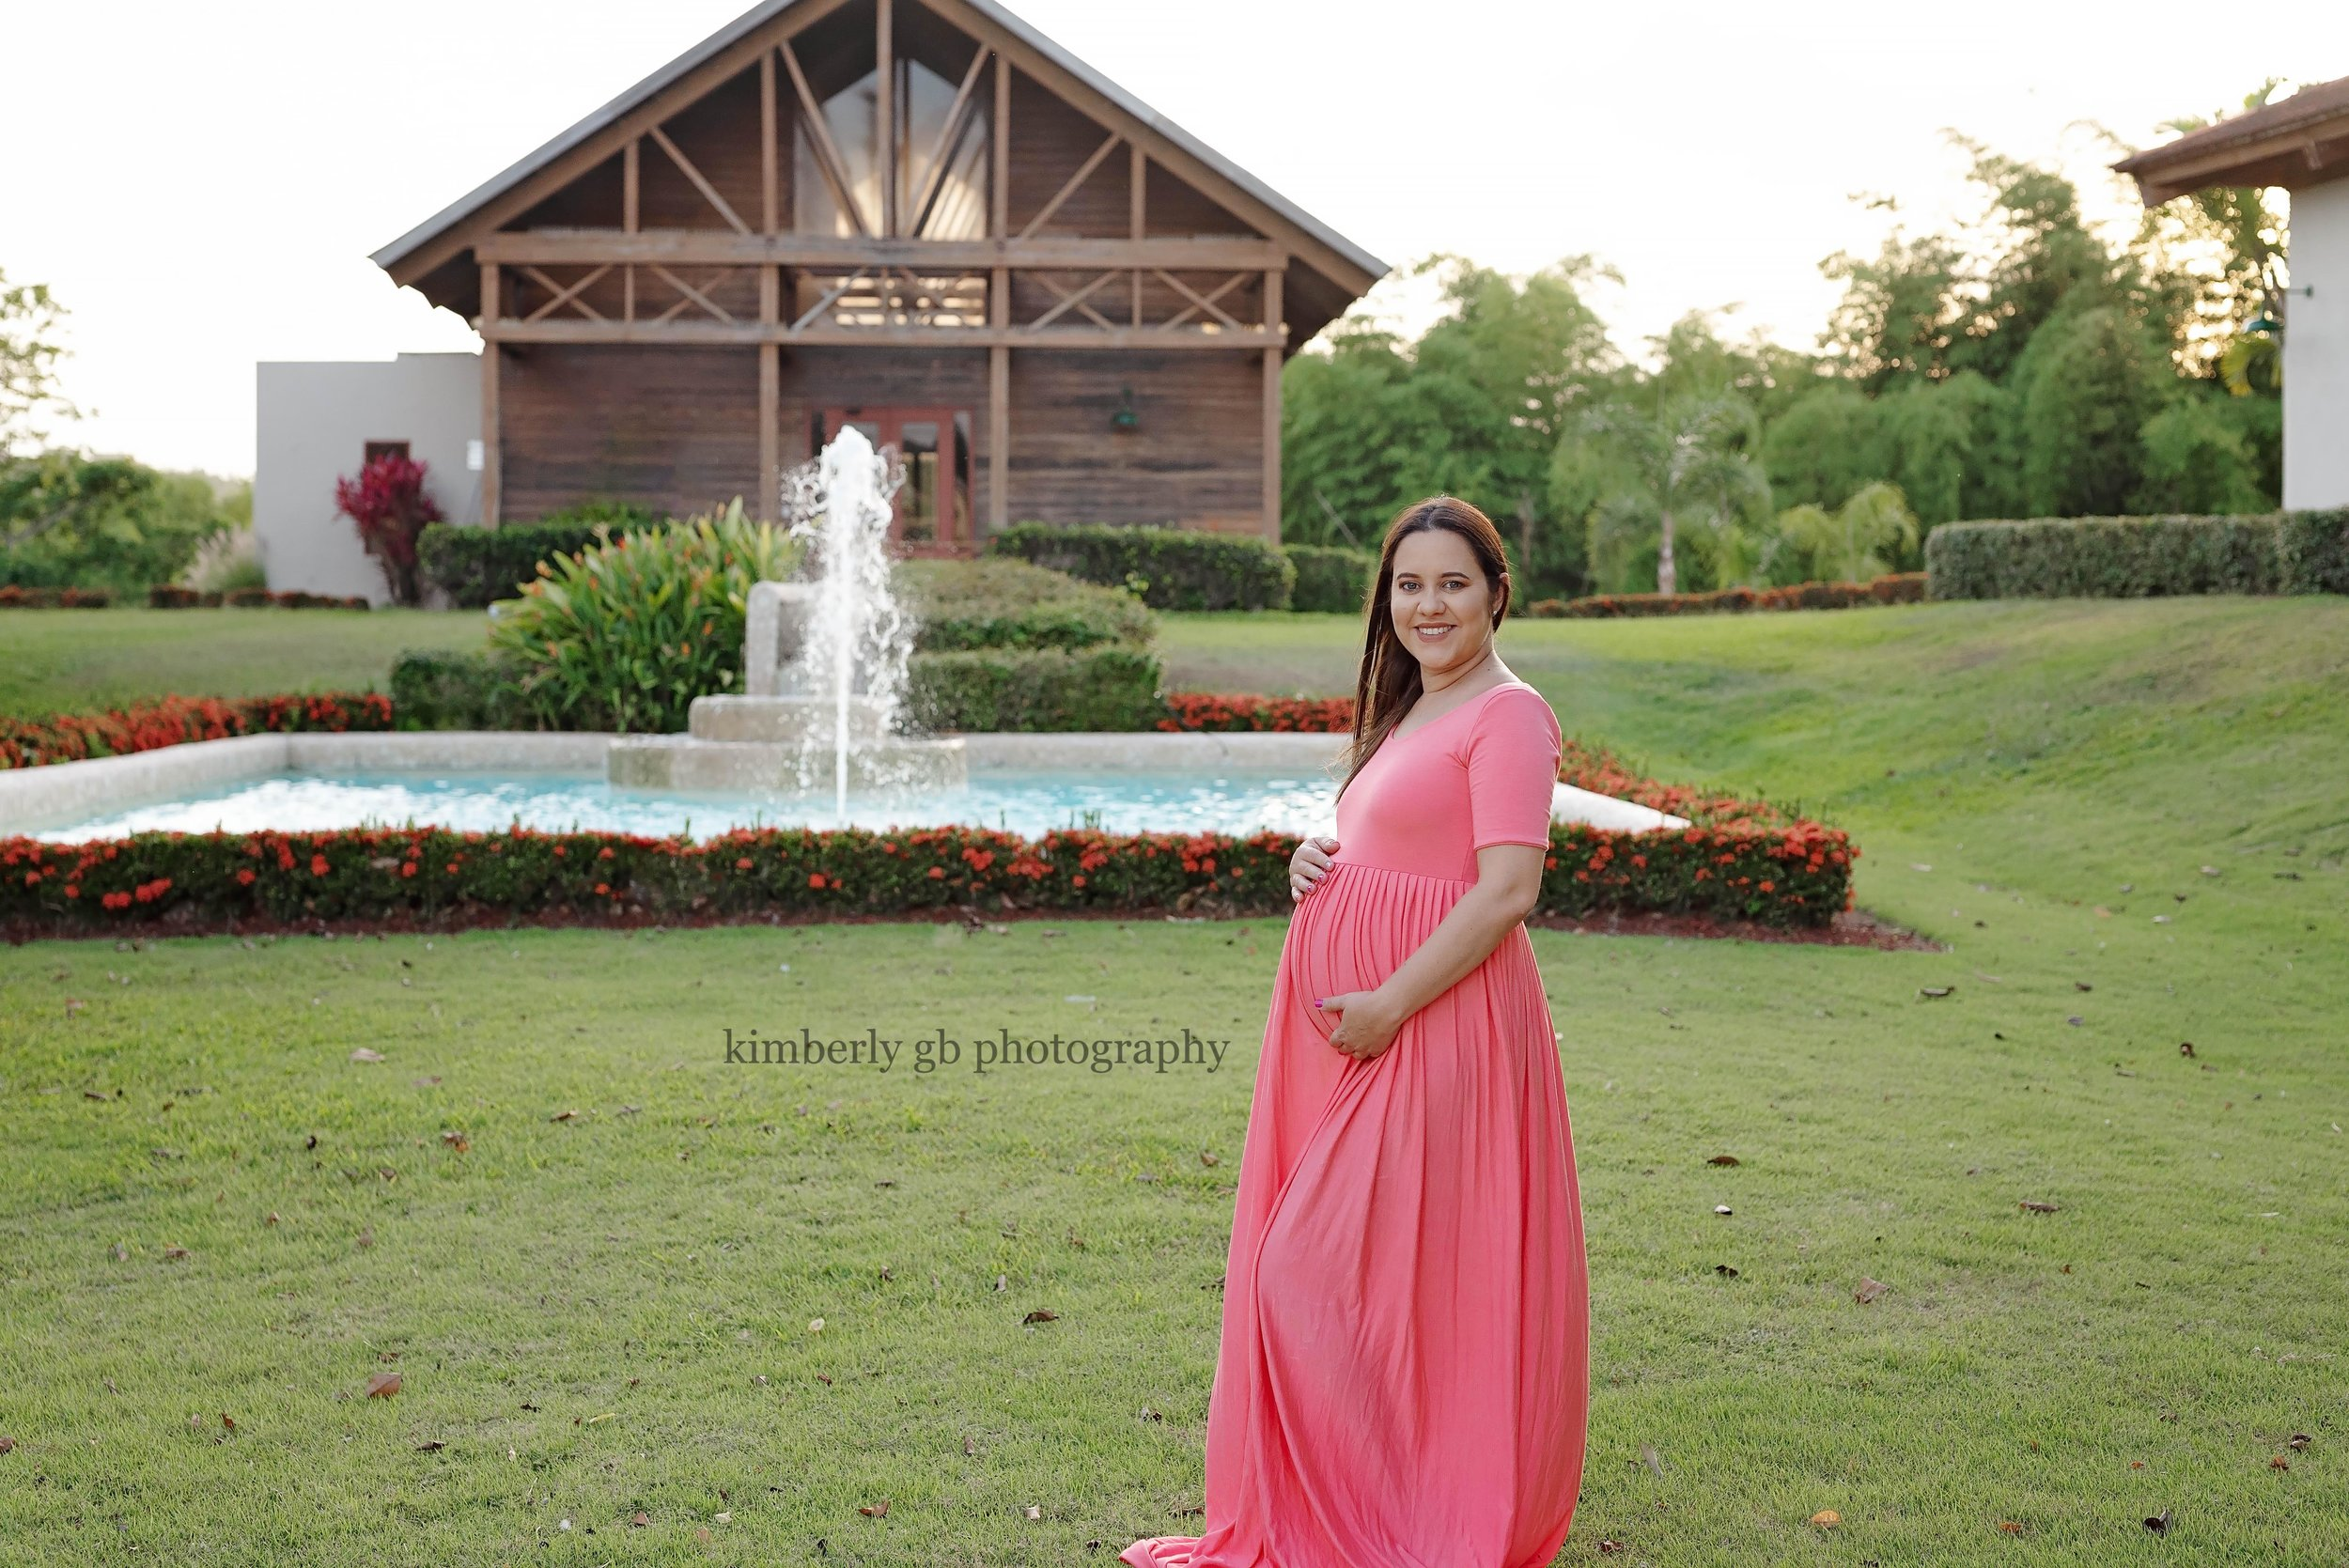 fotografia-fotografa-de-maternidad-embarazo-embarazada-en-puerto-rico-fotografia-178.jpg